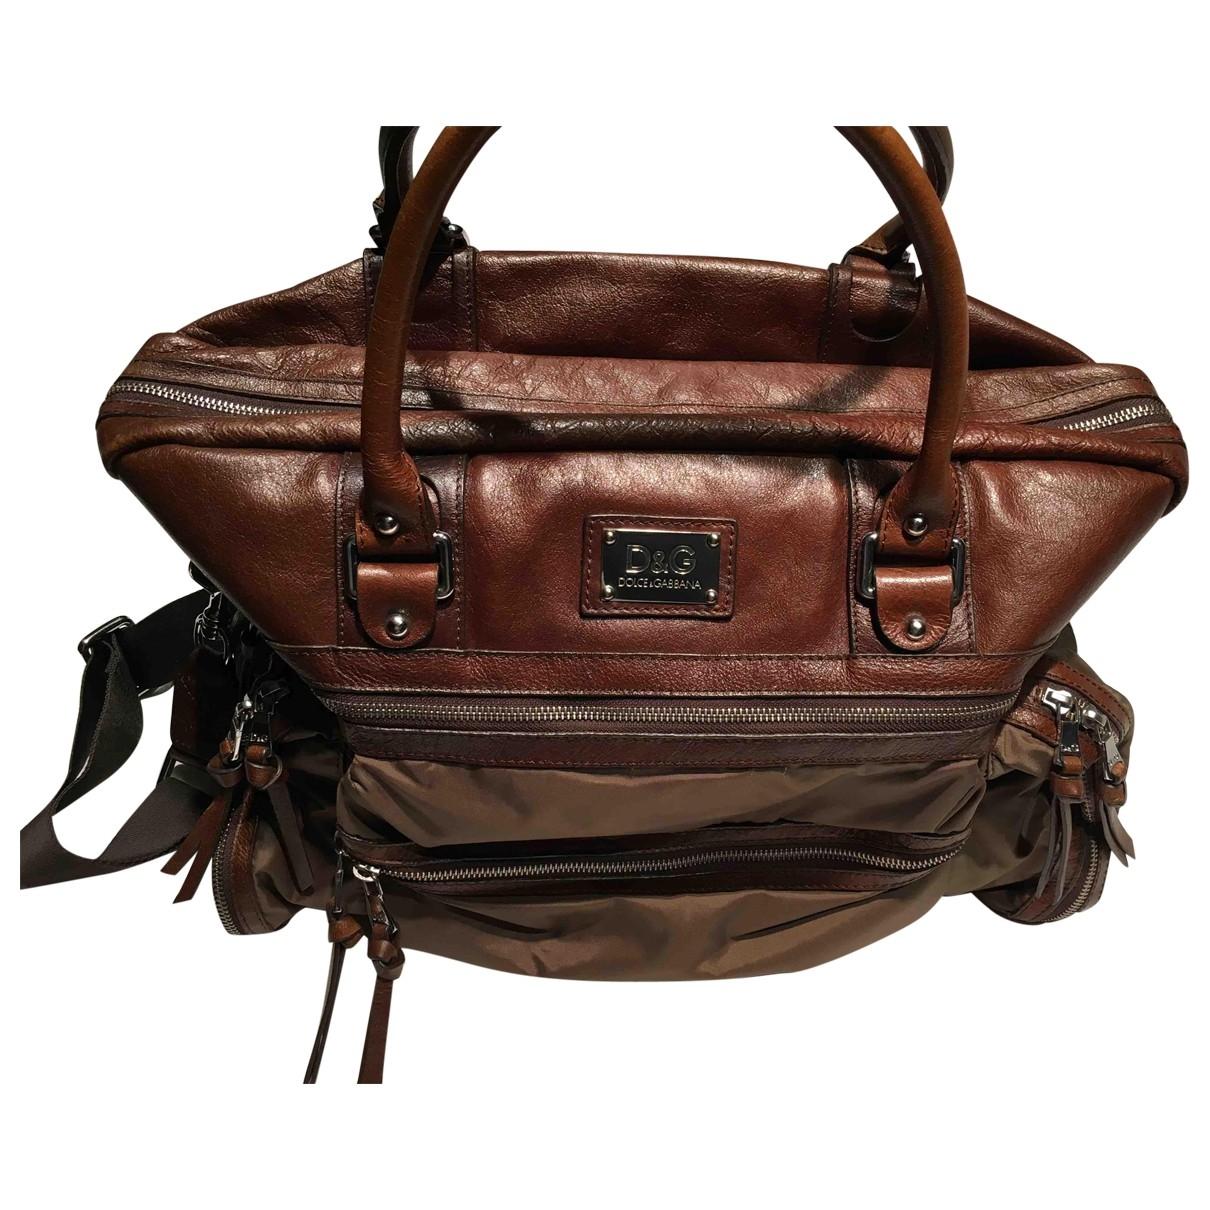 D&g \N Brown bag for Men \N